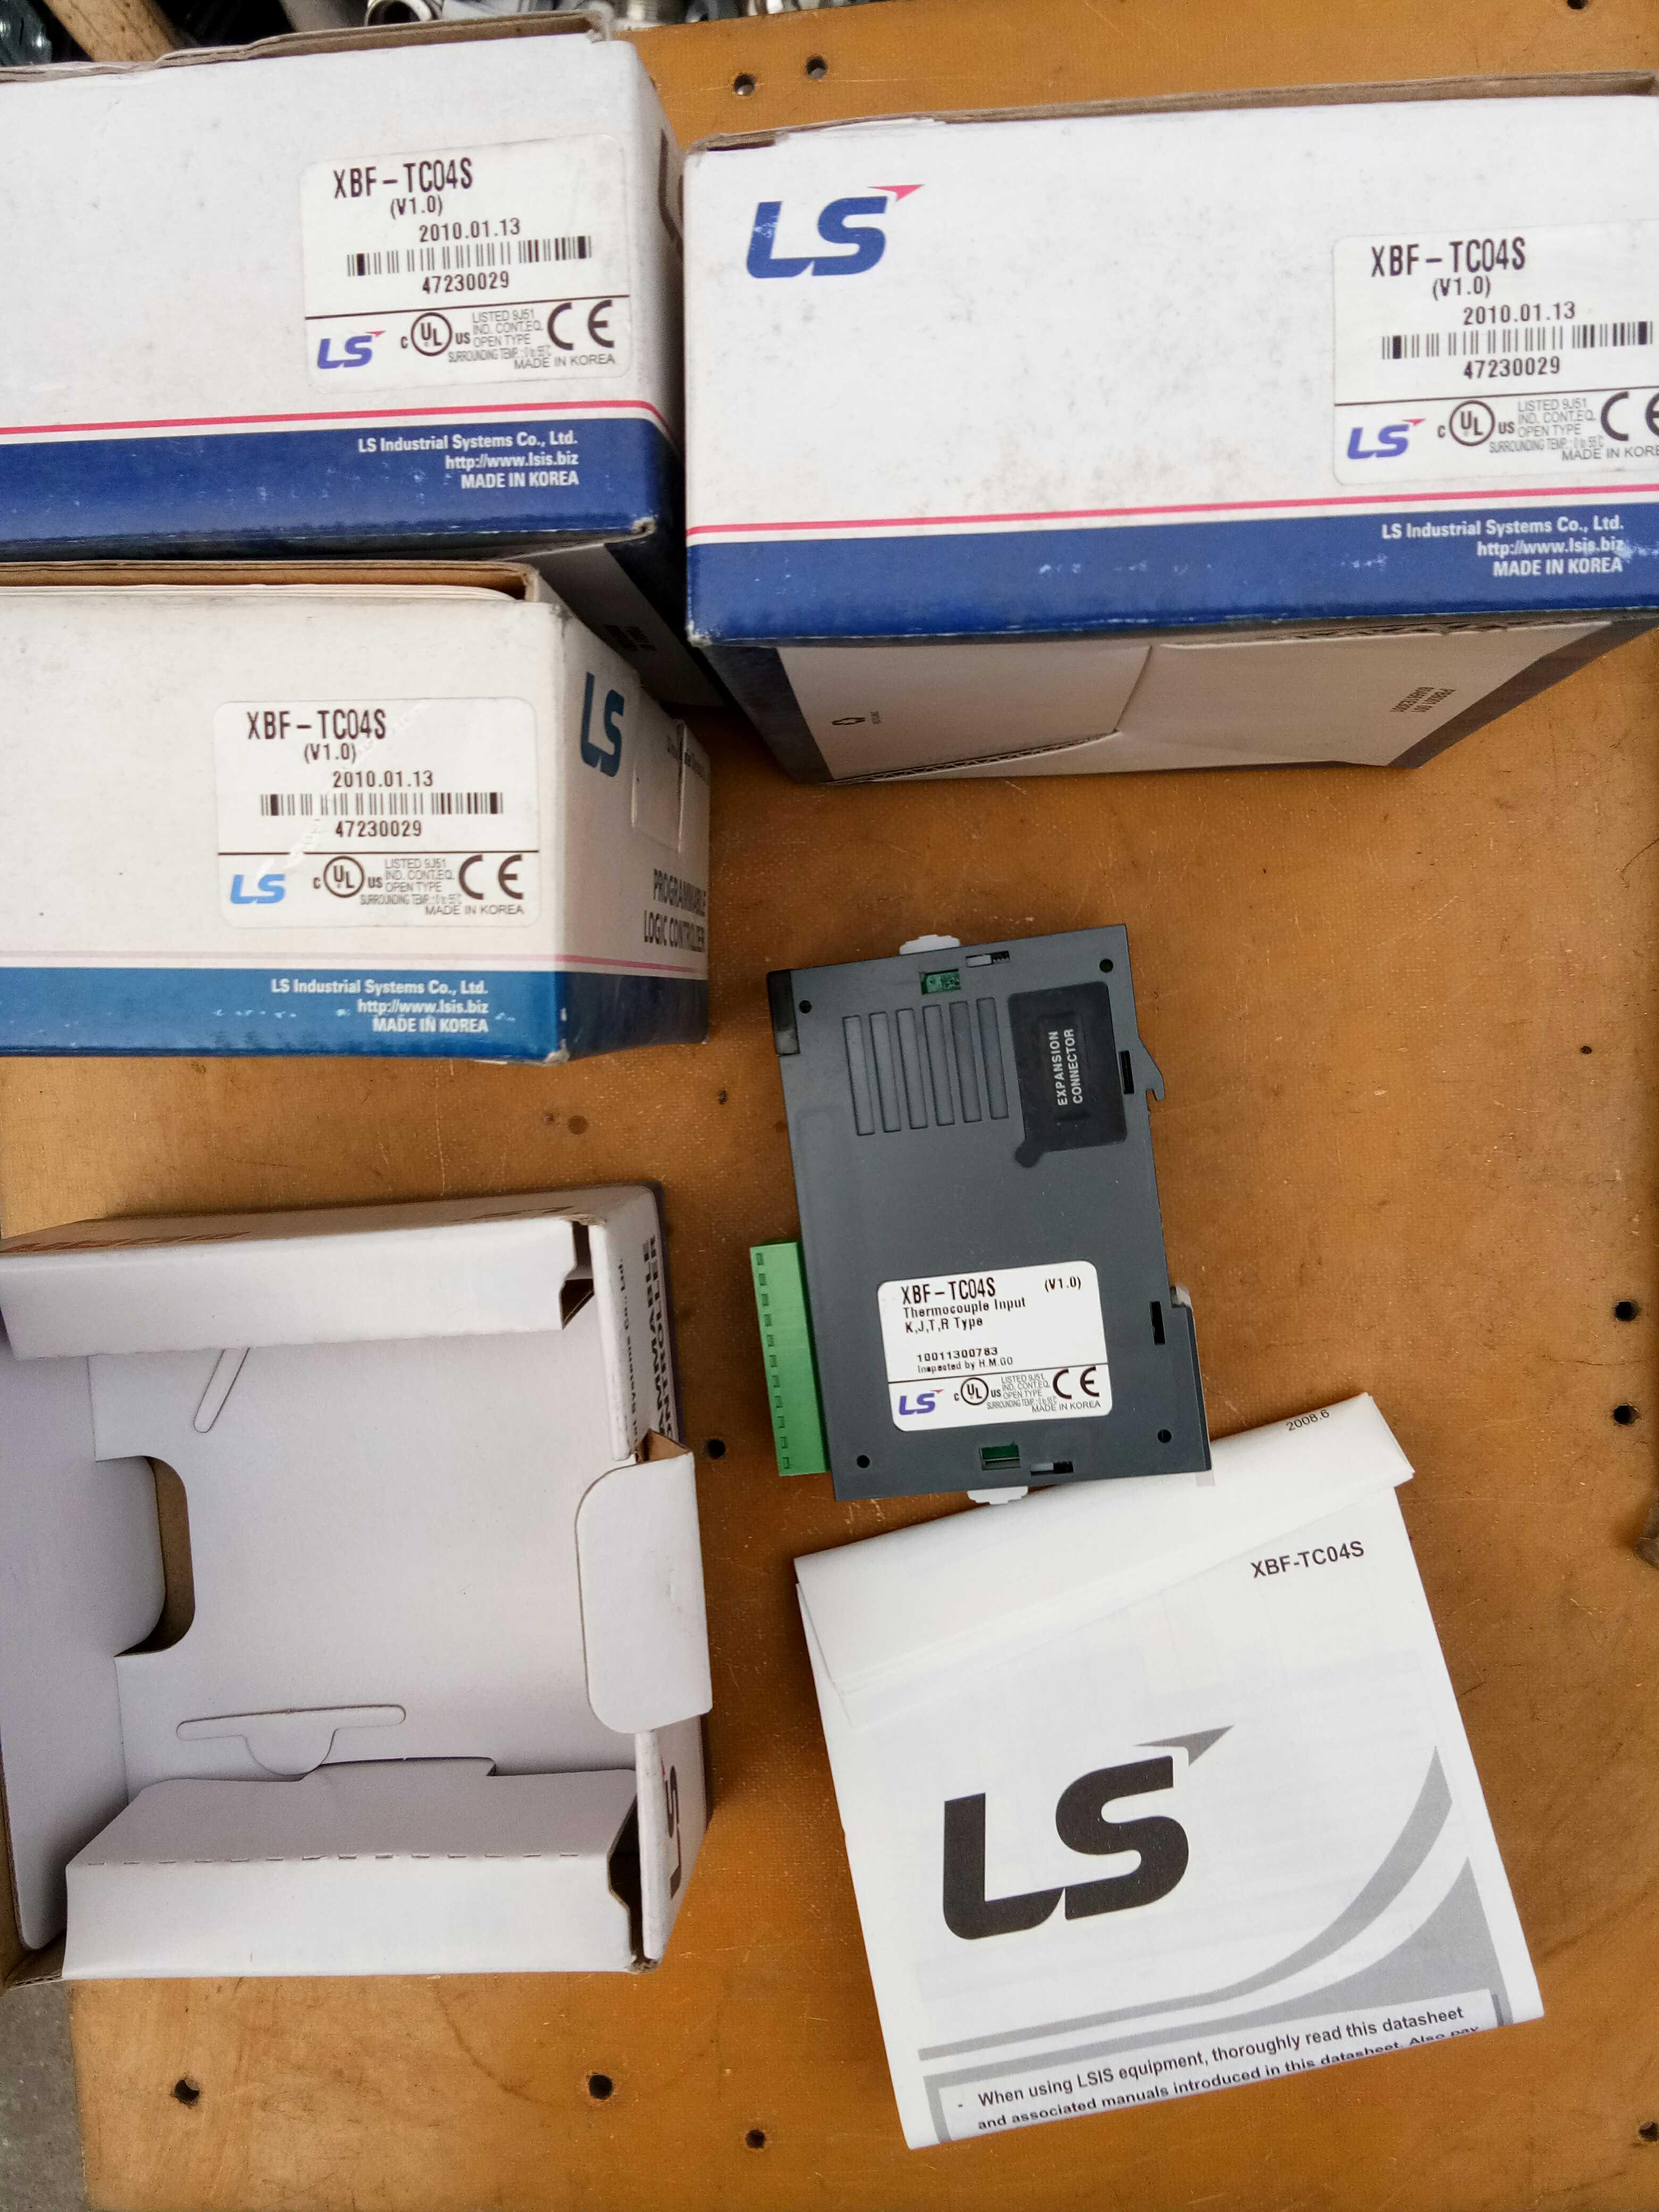 LG LS PLC MODULE XBF-TC04S